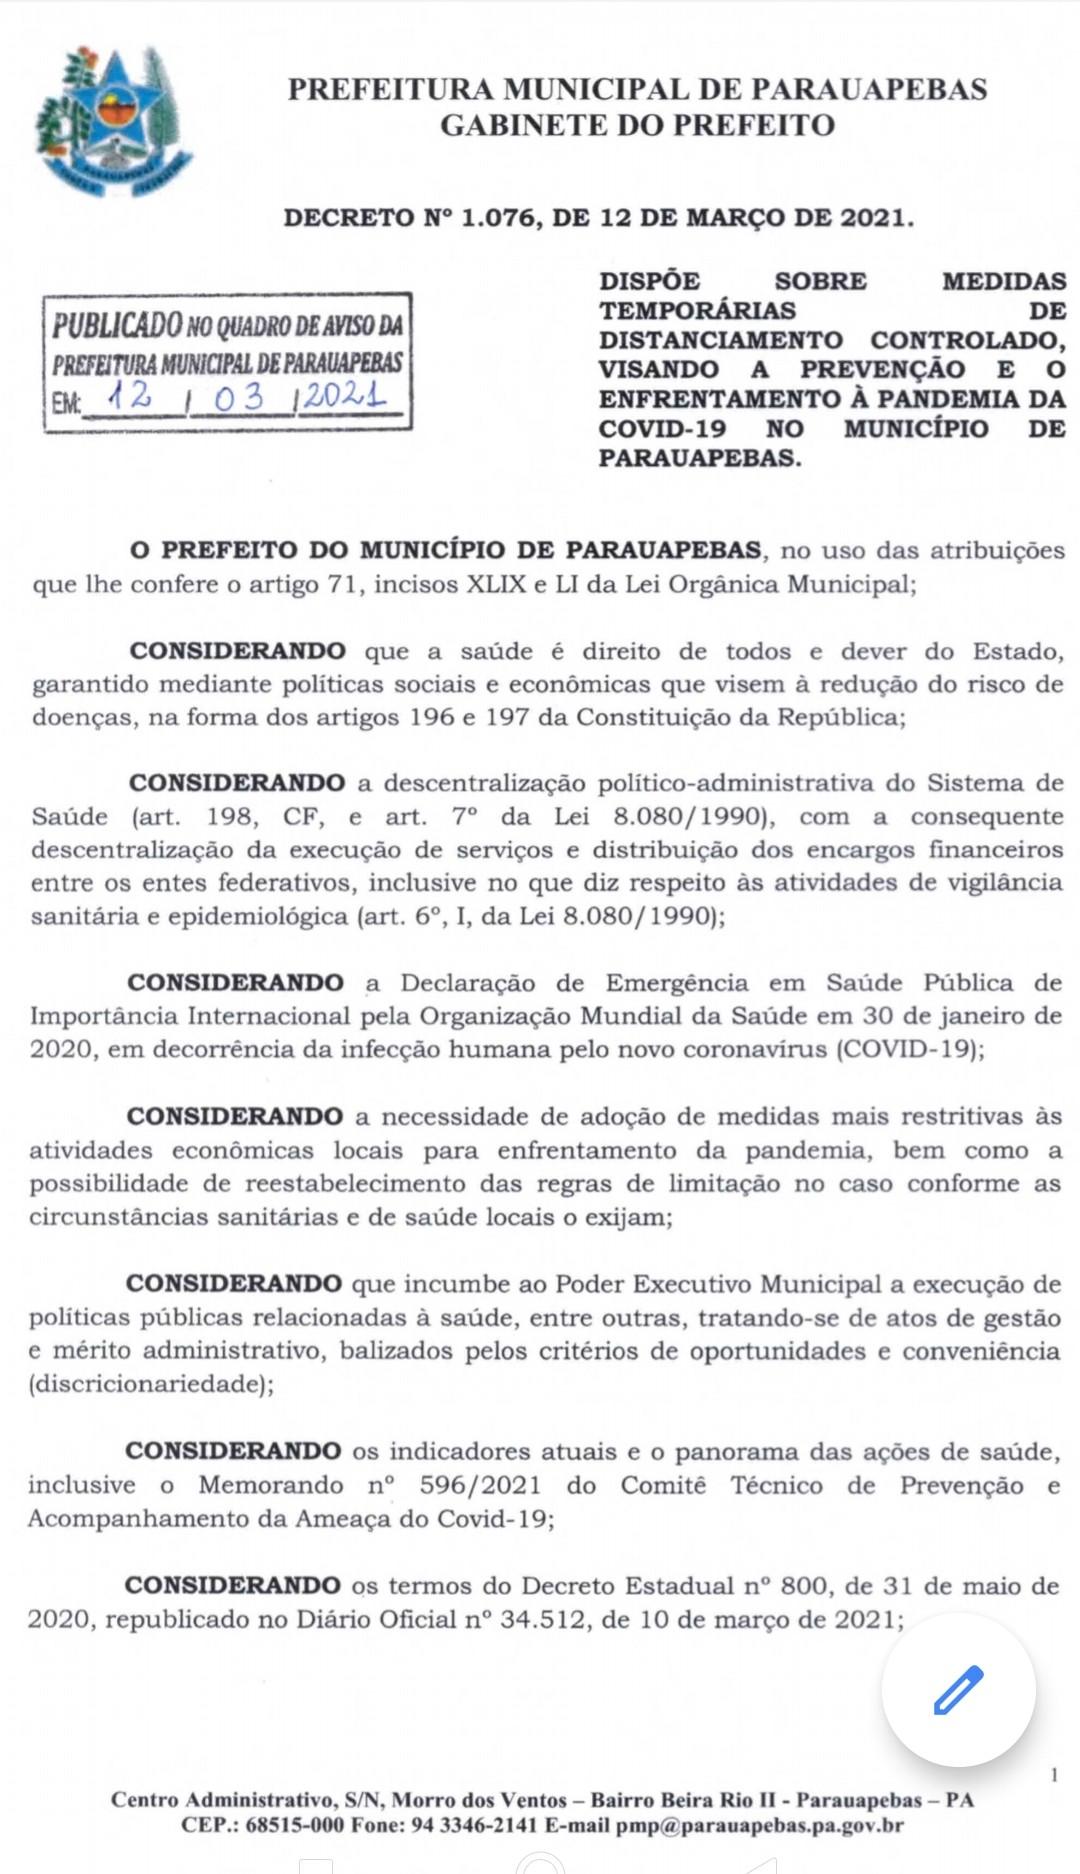 Prefeitura de Parauapebas publica novo decreto com medidas de prevenção a Covid-19